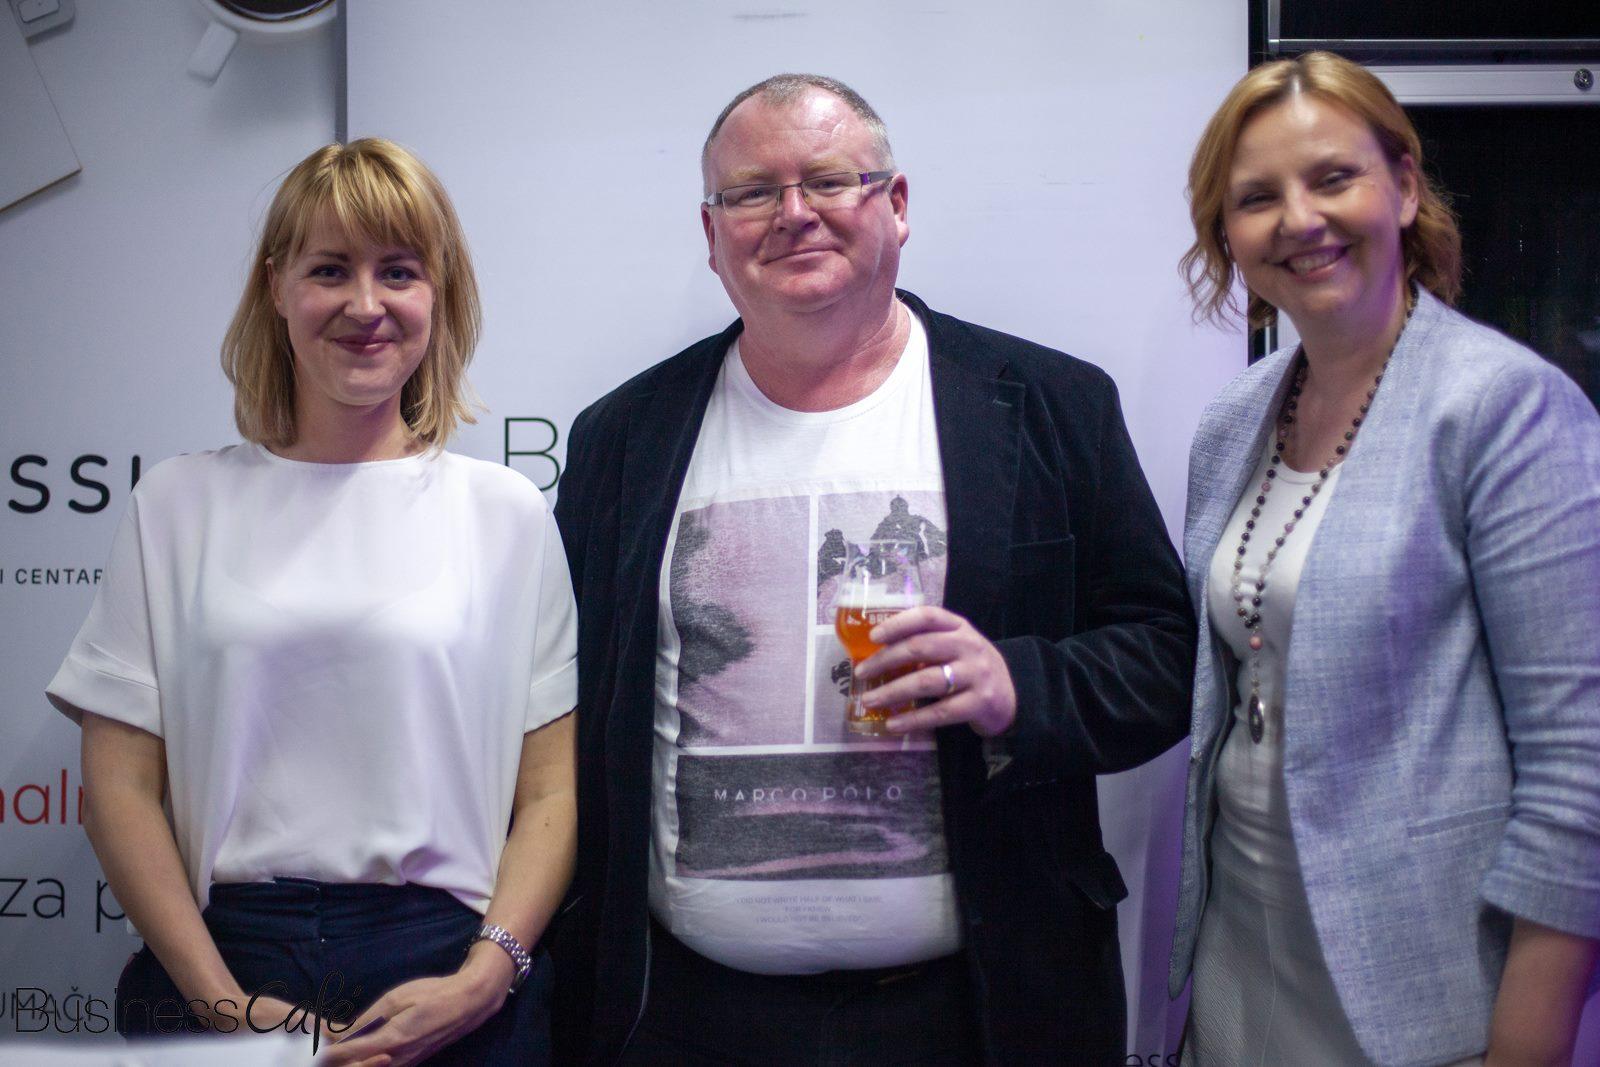 1. Business Cafe International: Ne nije šala – doselili smo u Hrvatsku i pokrenuli vlastiti biznis